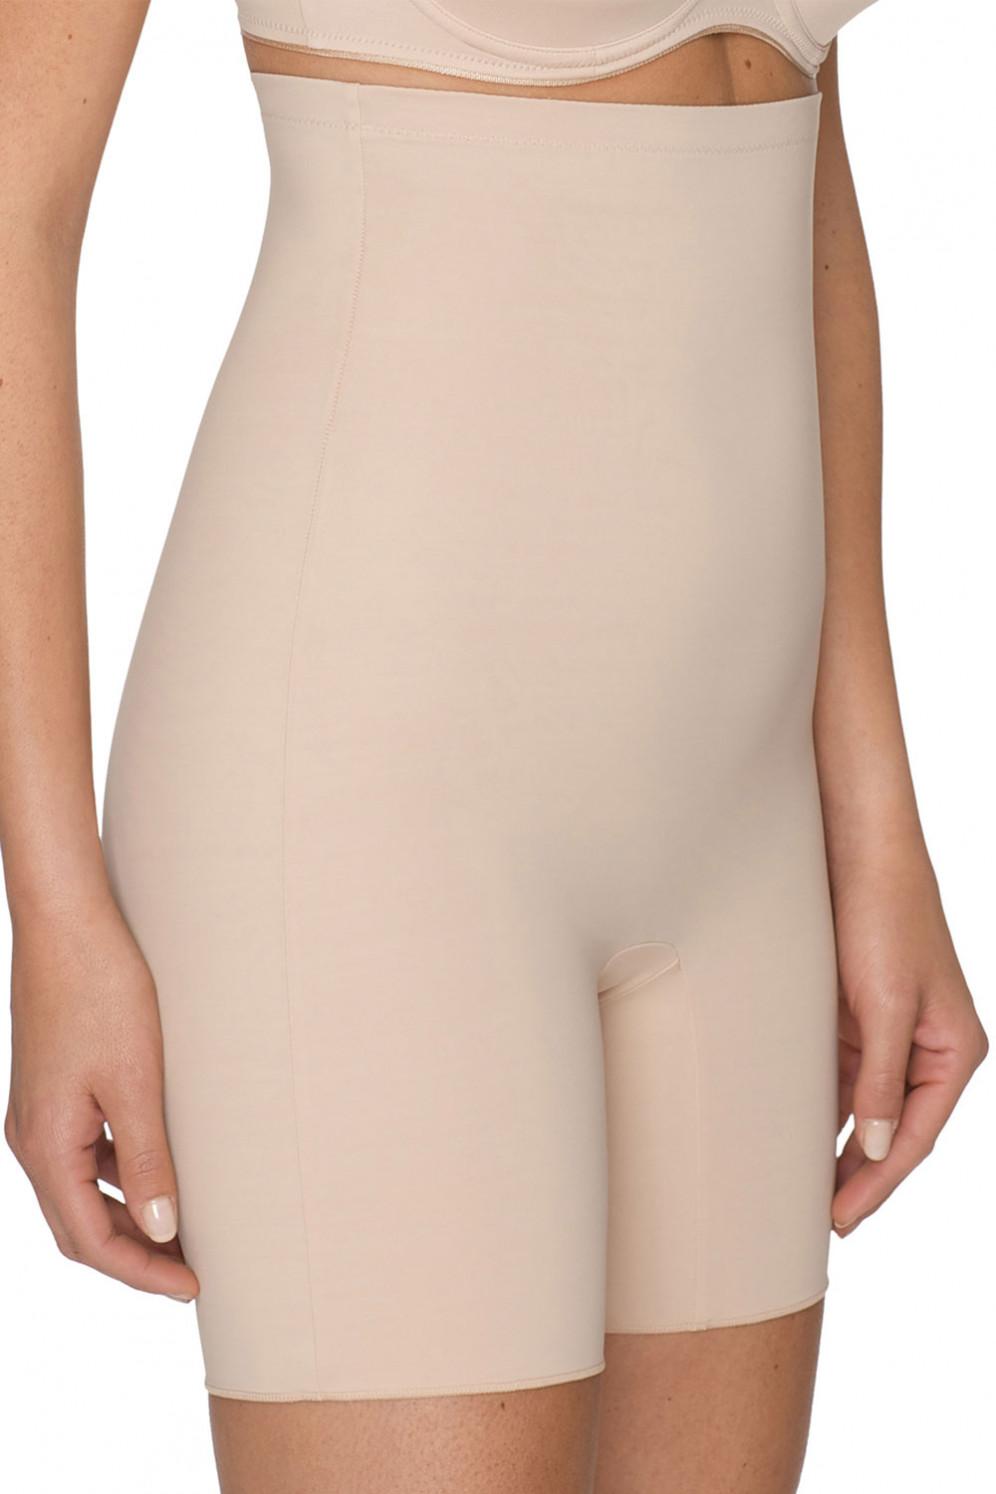 bc3a94bfb0 Vergrößern Abbildung zu Bodyshaper mit Bein (0562345) der Marke PrimaDonna  aus der Serie Perle ...